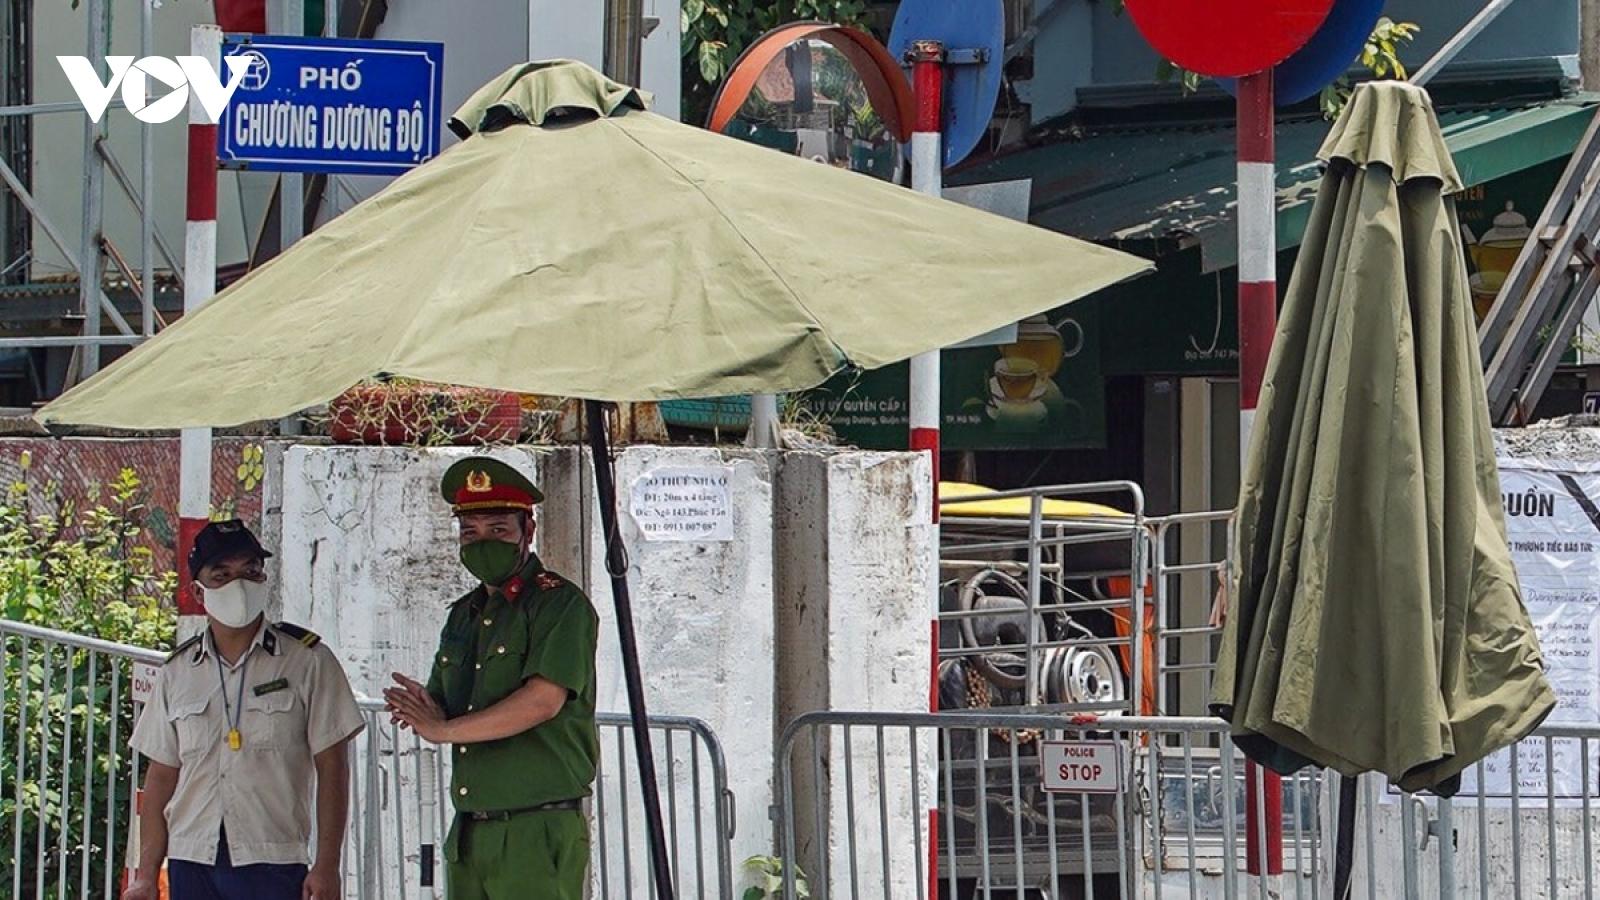 Hà Nội thu hẹp phong tỏa tại ổ dịch Covid-19 phường Chương Dương, Hoàn Kiếm